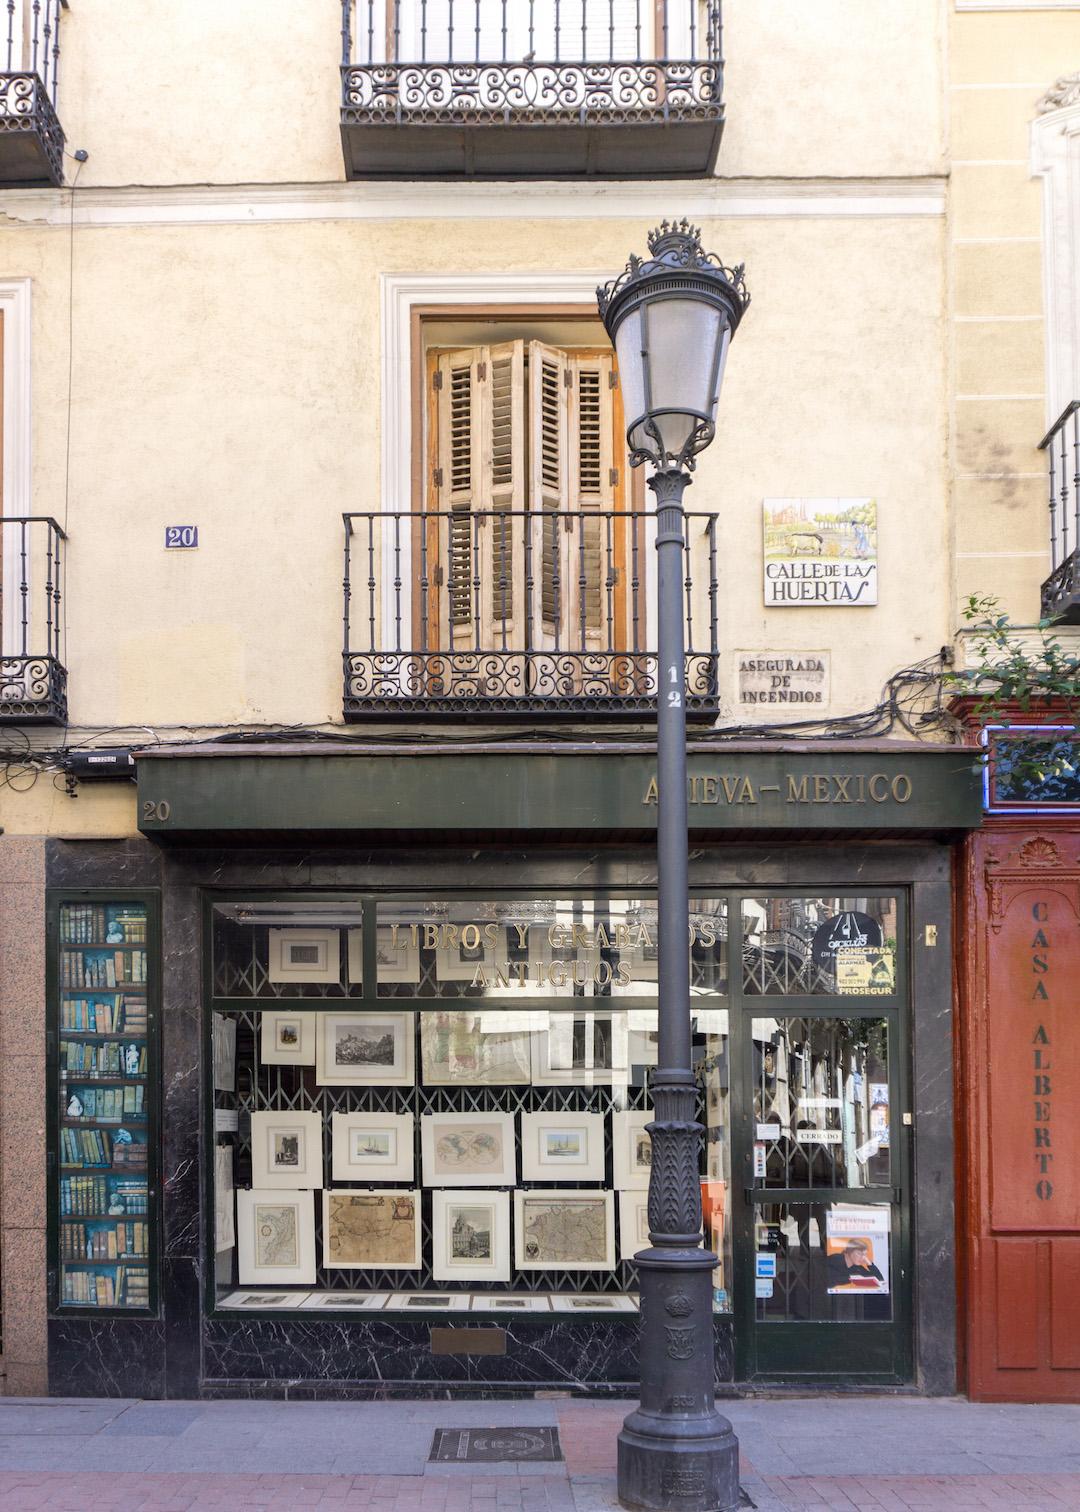 Her_Travel_Edit_Madrid_Las_Letras